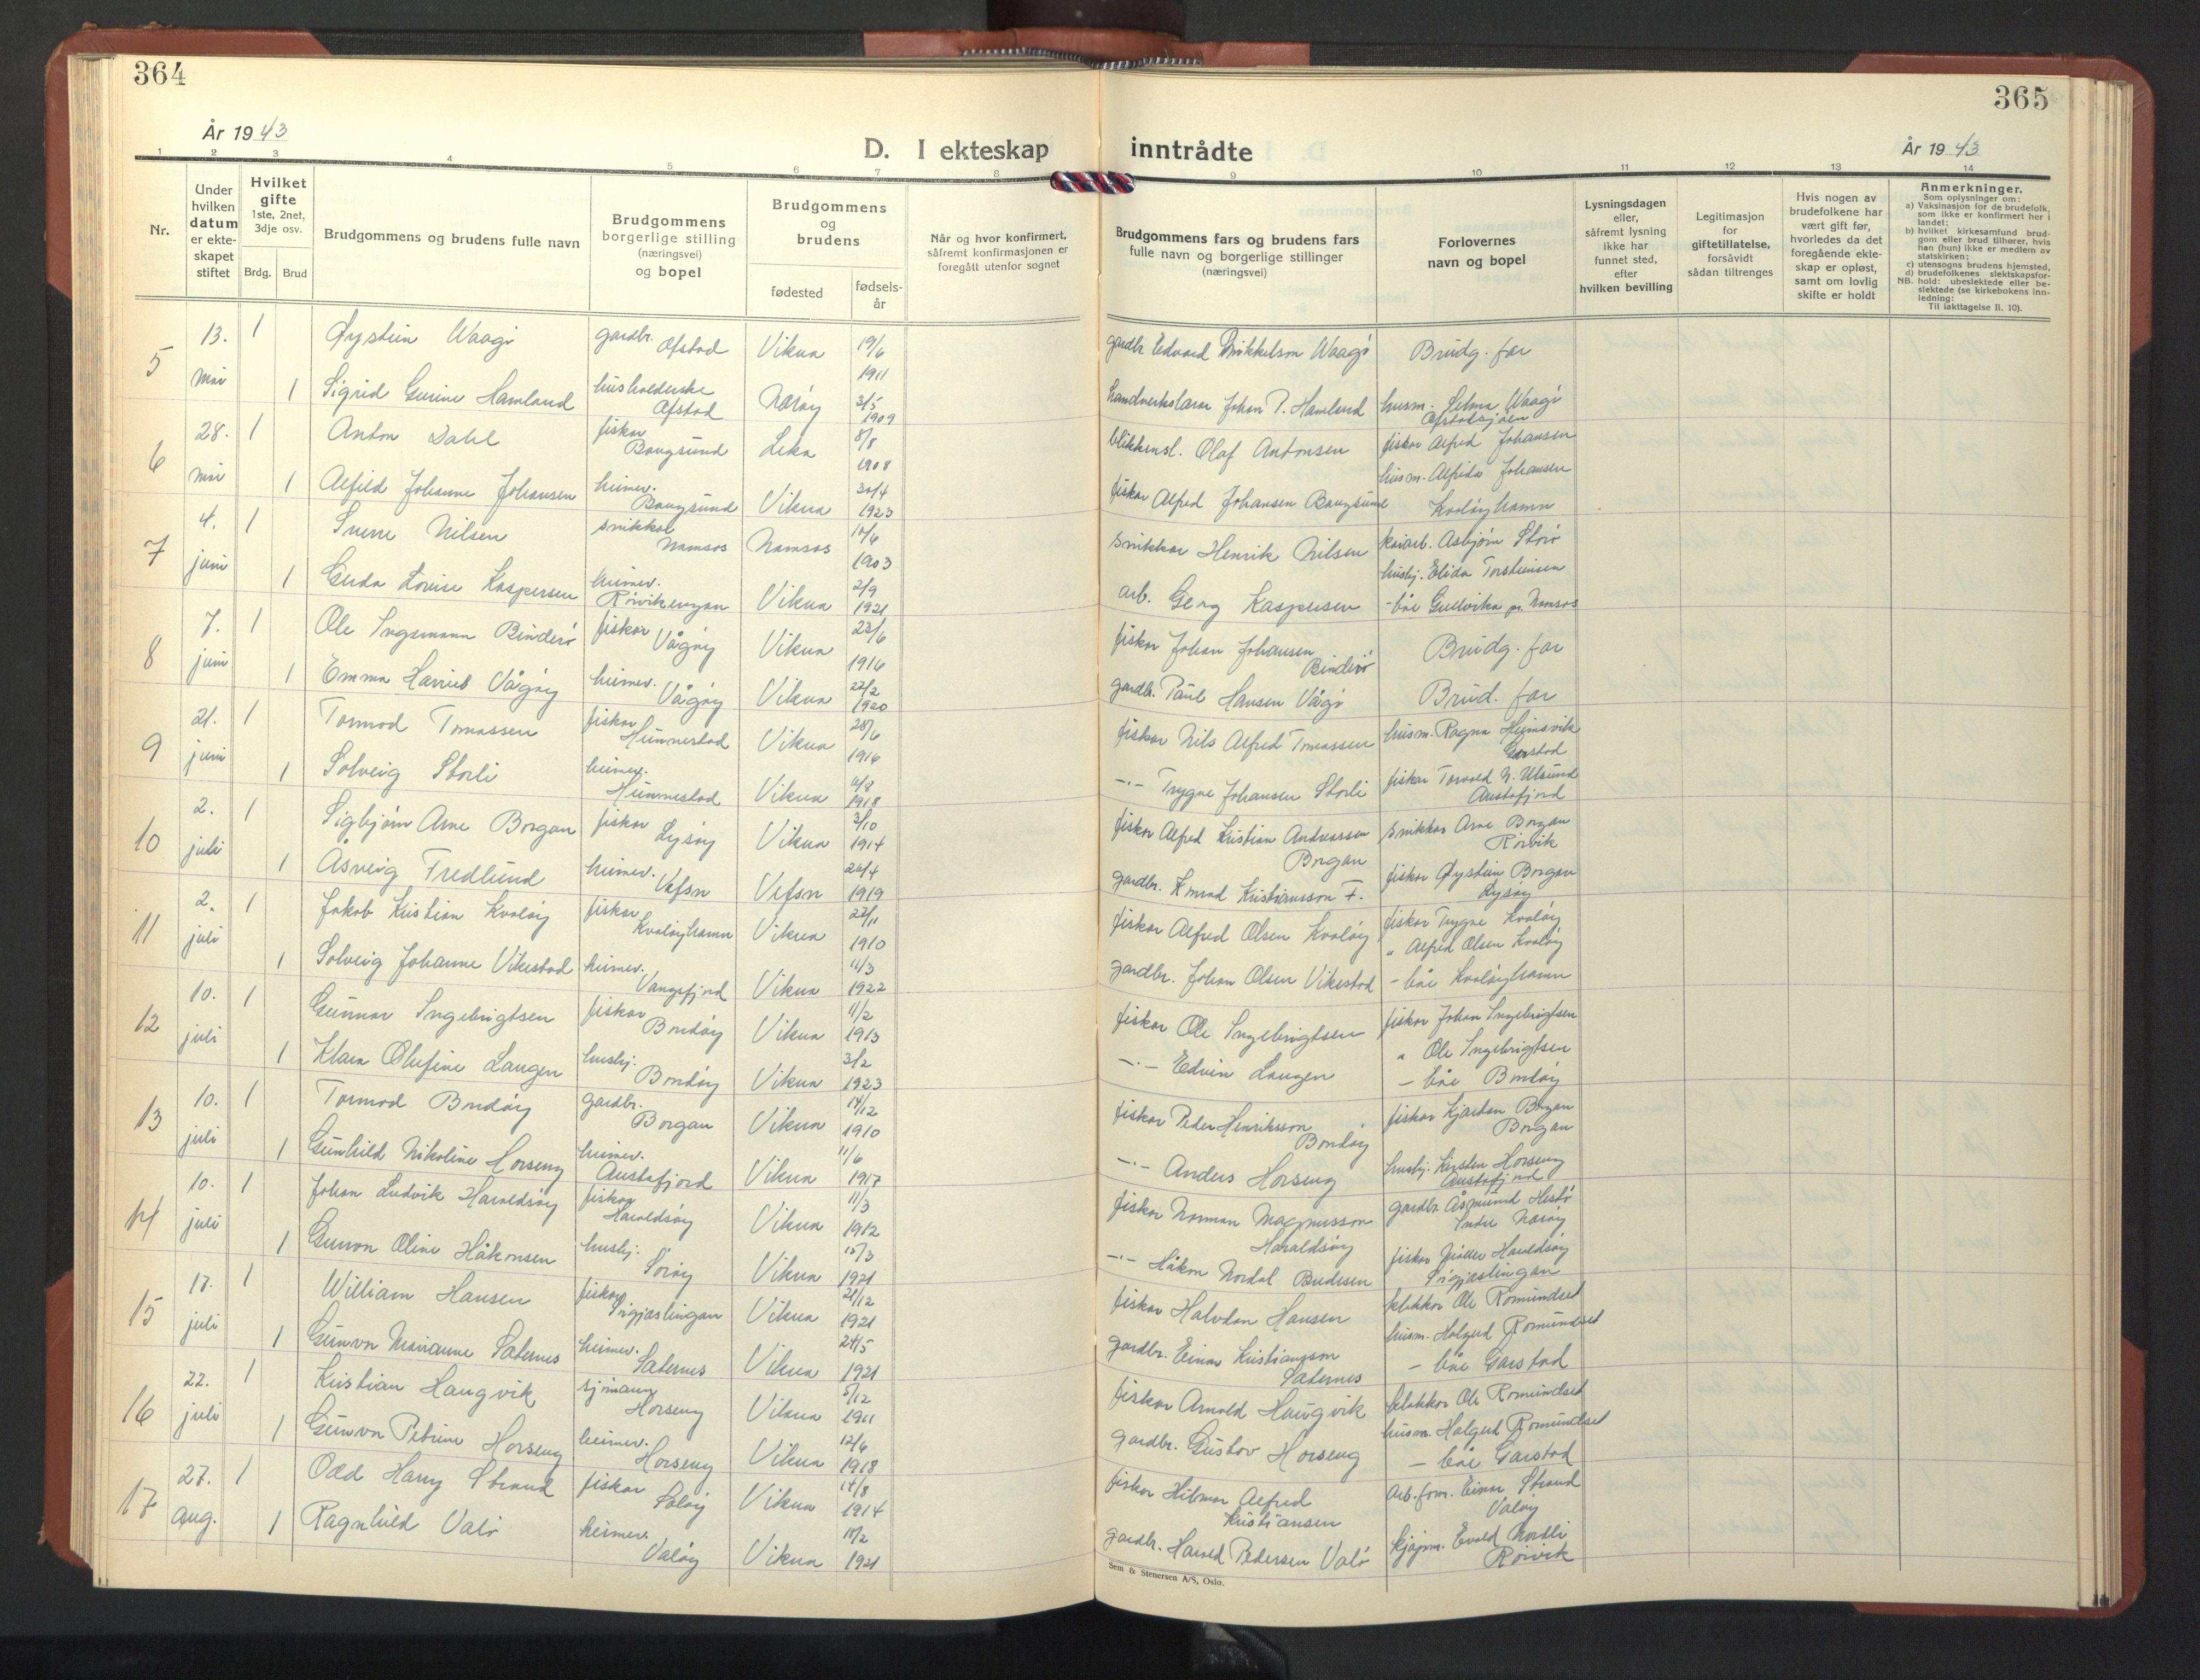 SAT, Ministerialprotokoller, klokkerbøker og fødselsregistre - Nord-Trøndelag, 786/L0689: Klokkerbok nr. 786C01, 1940-1948, s. 364-365